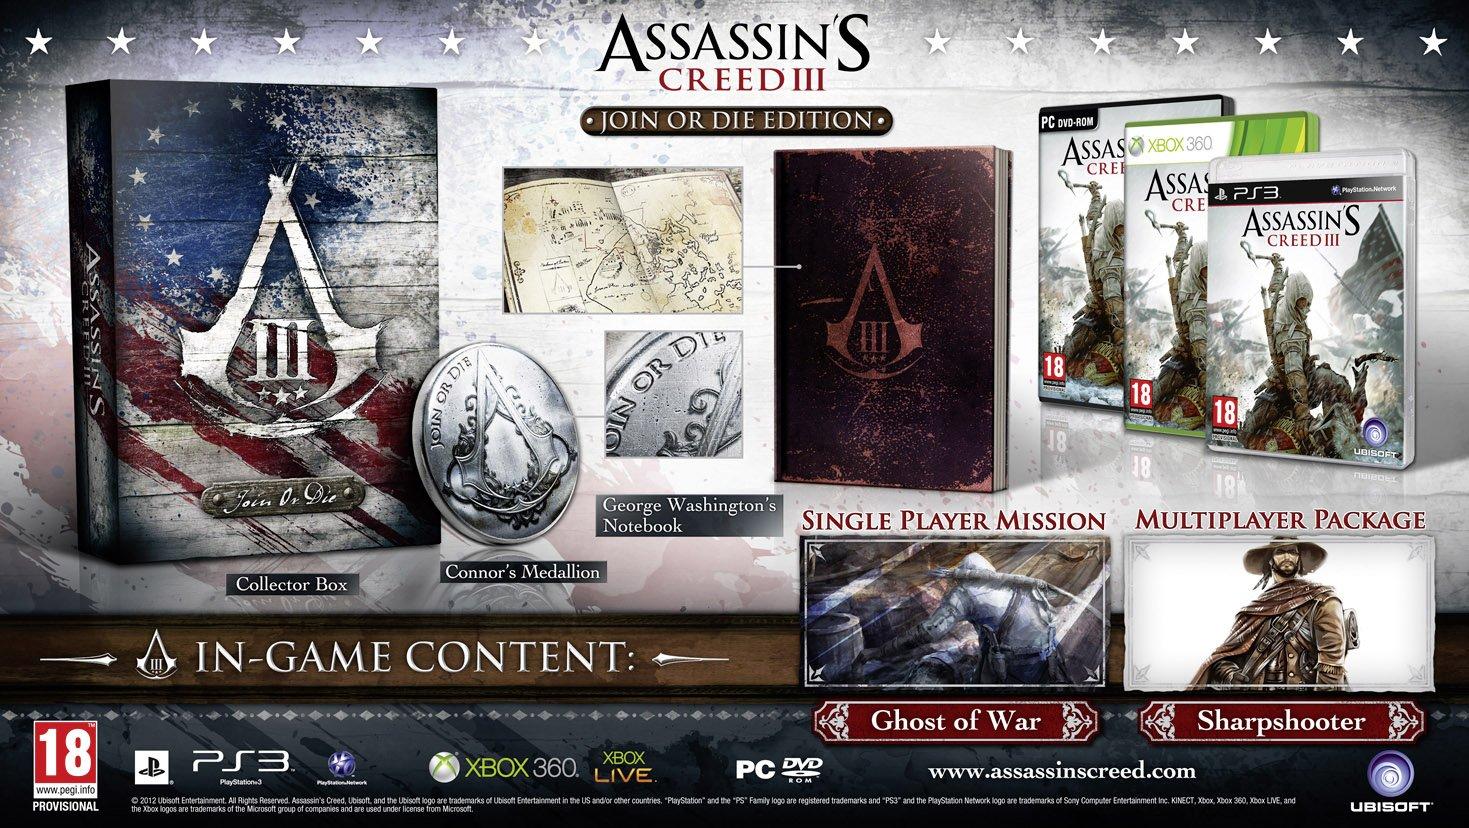 Ubisoft представила нам 3 варианта своих коллекционных изданий,названия которых: Join or Die Edition, Freedom Editio .... - Изображение 1